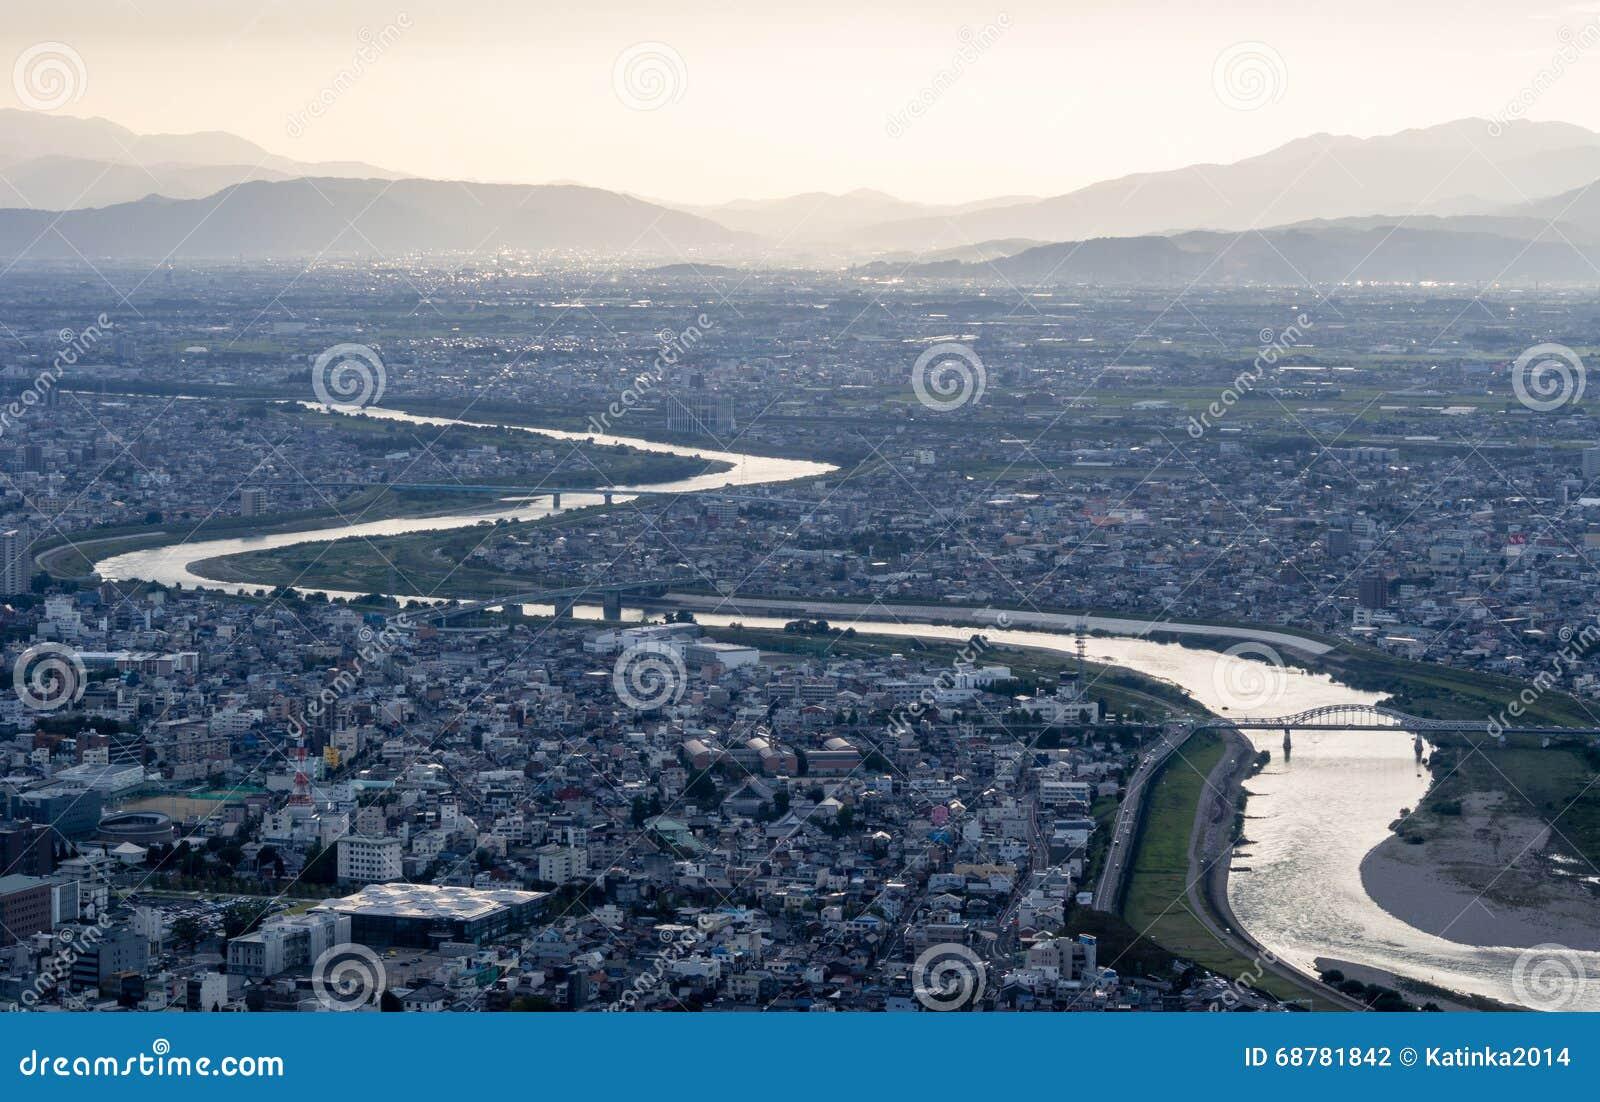 Панорамный взгляд города Gifu, Японии